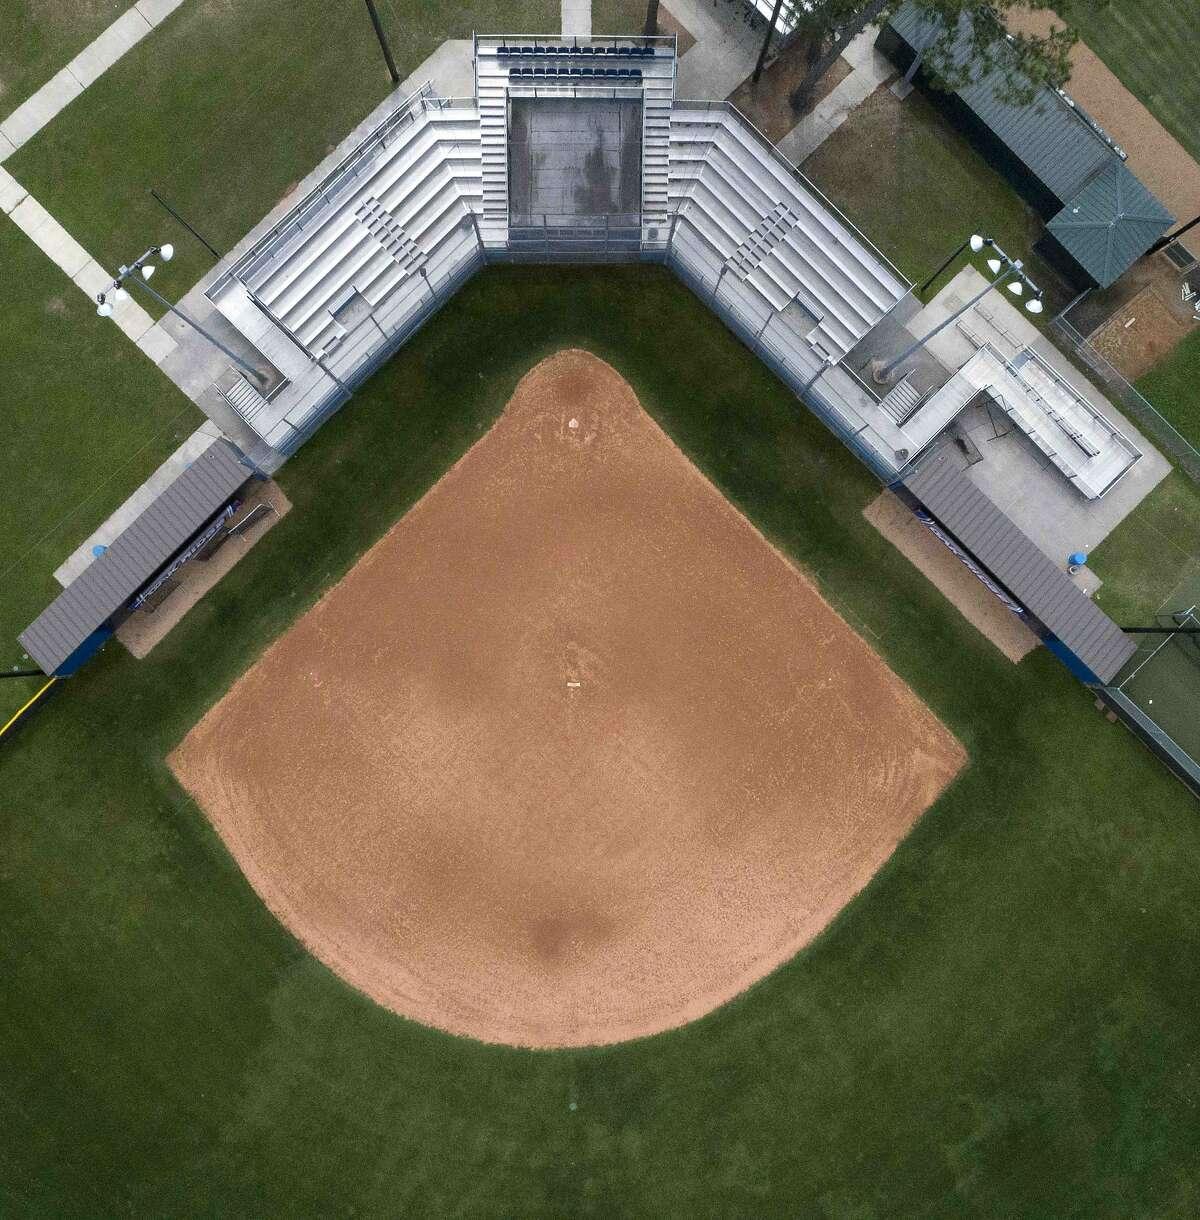 The softball field at Oak Ridge High School are seen, Wedneday, April 8, 2020, in Oak Ridge.